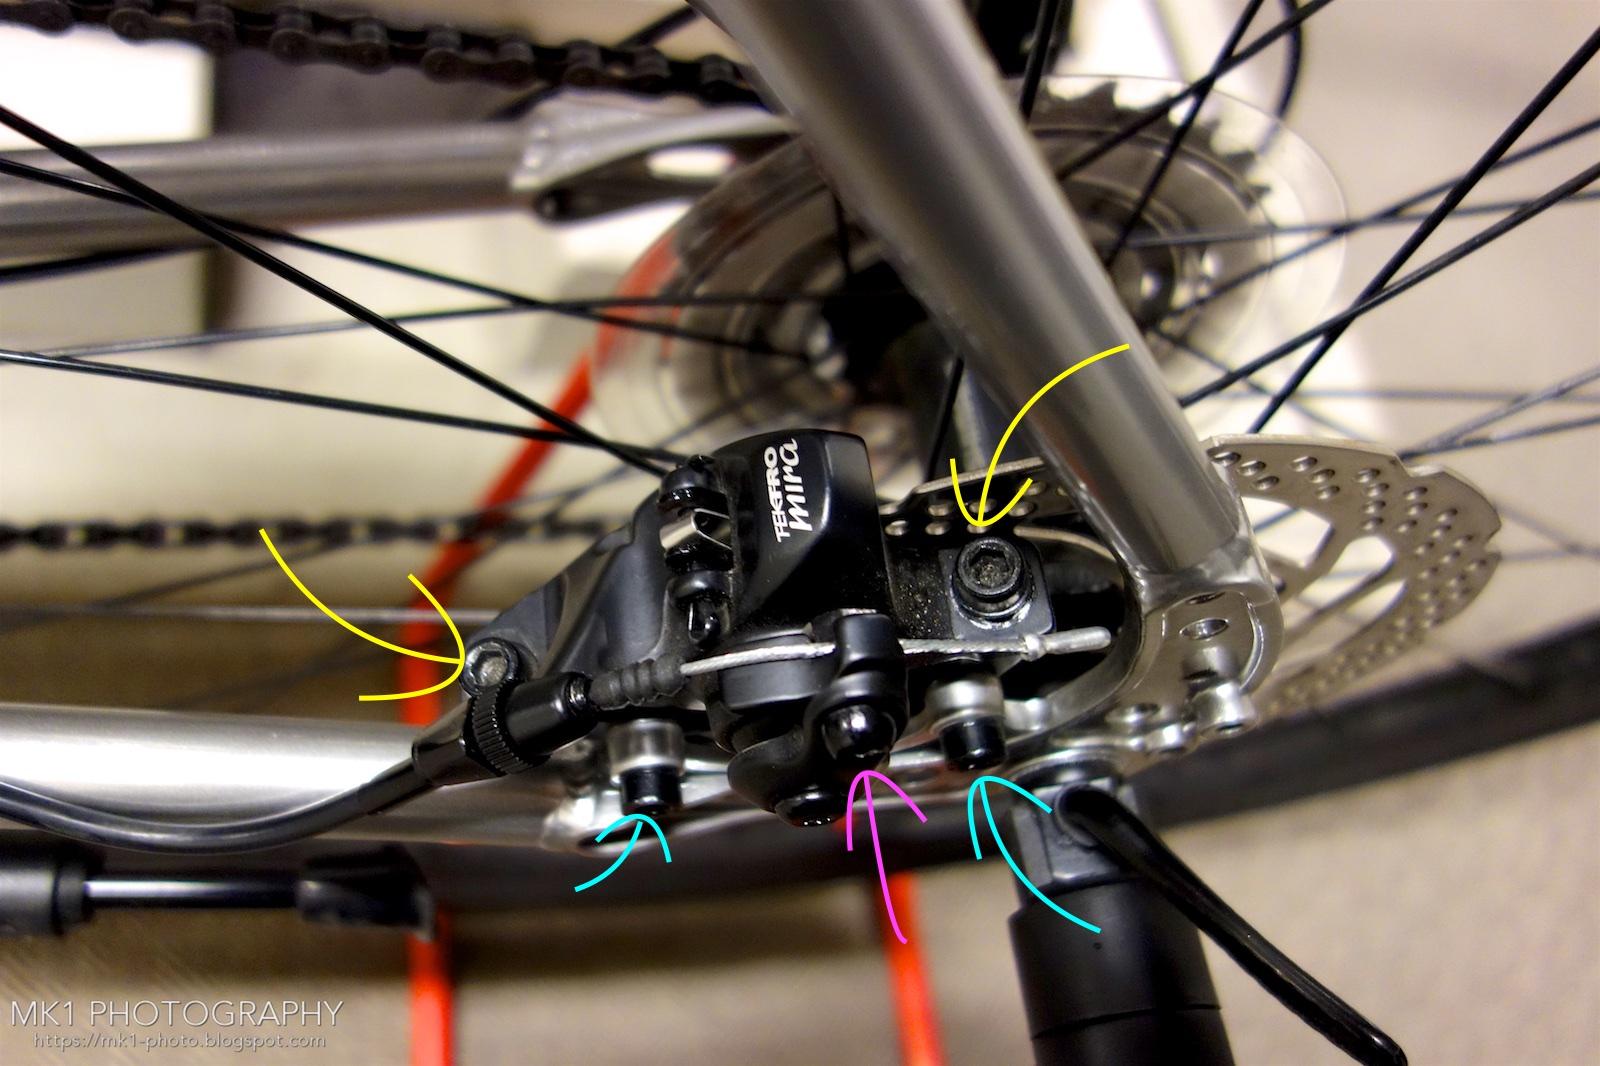 ブレーキ 直し 方 自転車